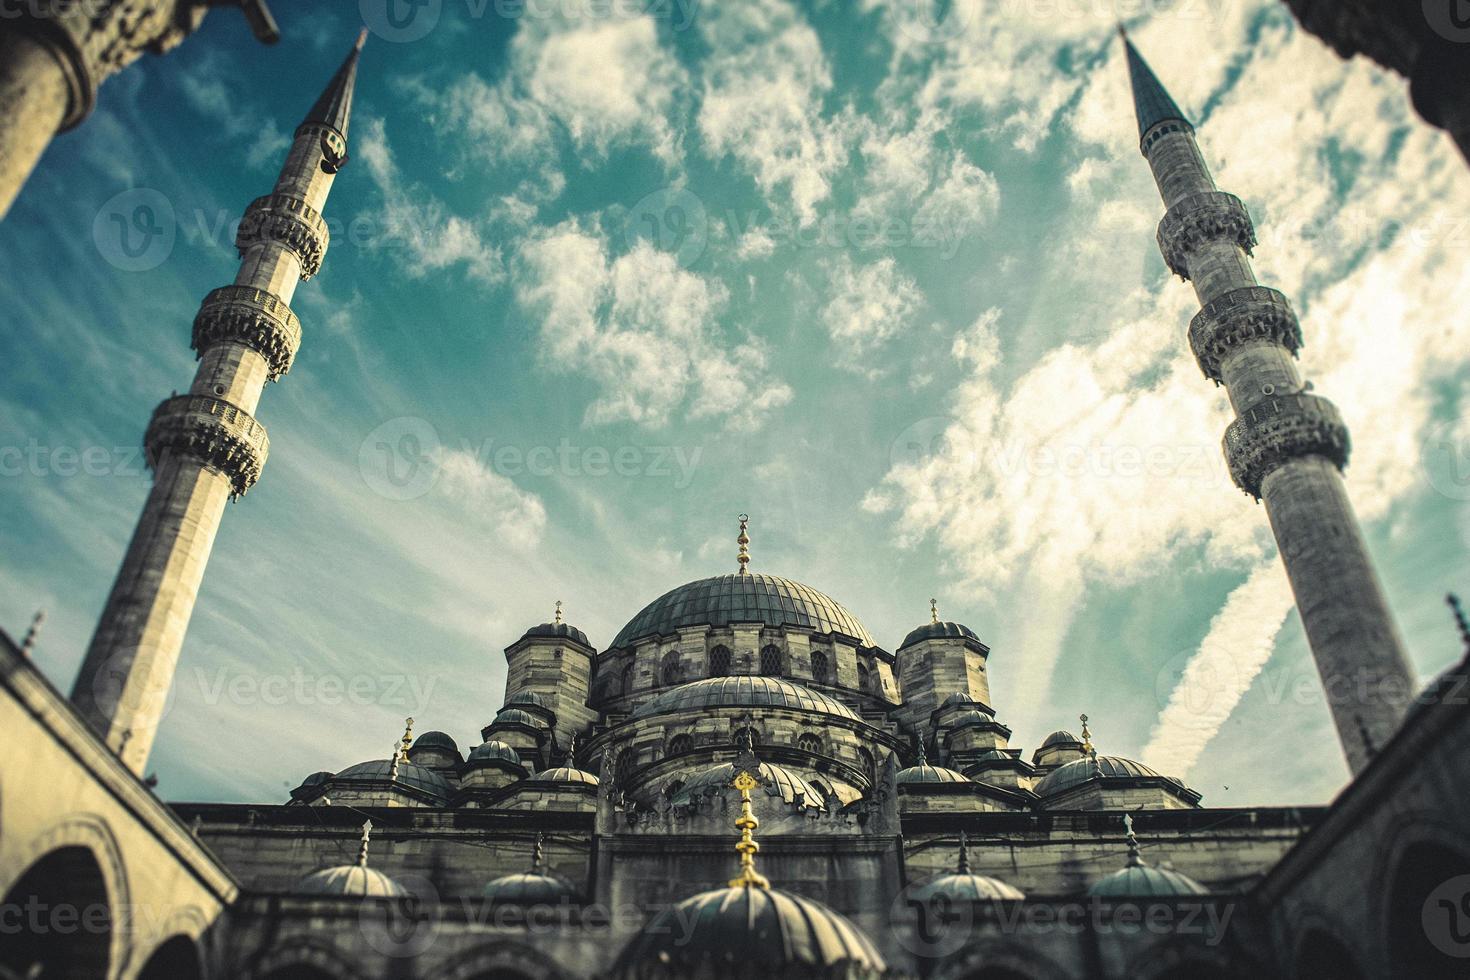 Istanbul Bosporus Moschee Yeni Cami Moschee foto